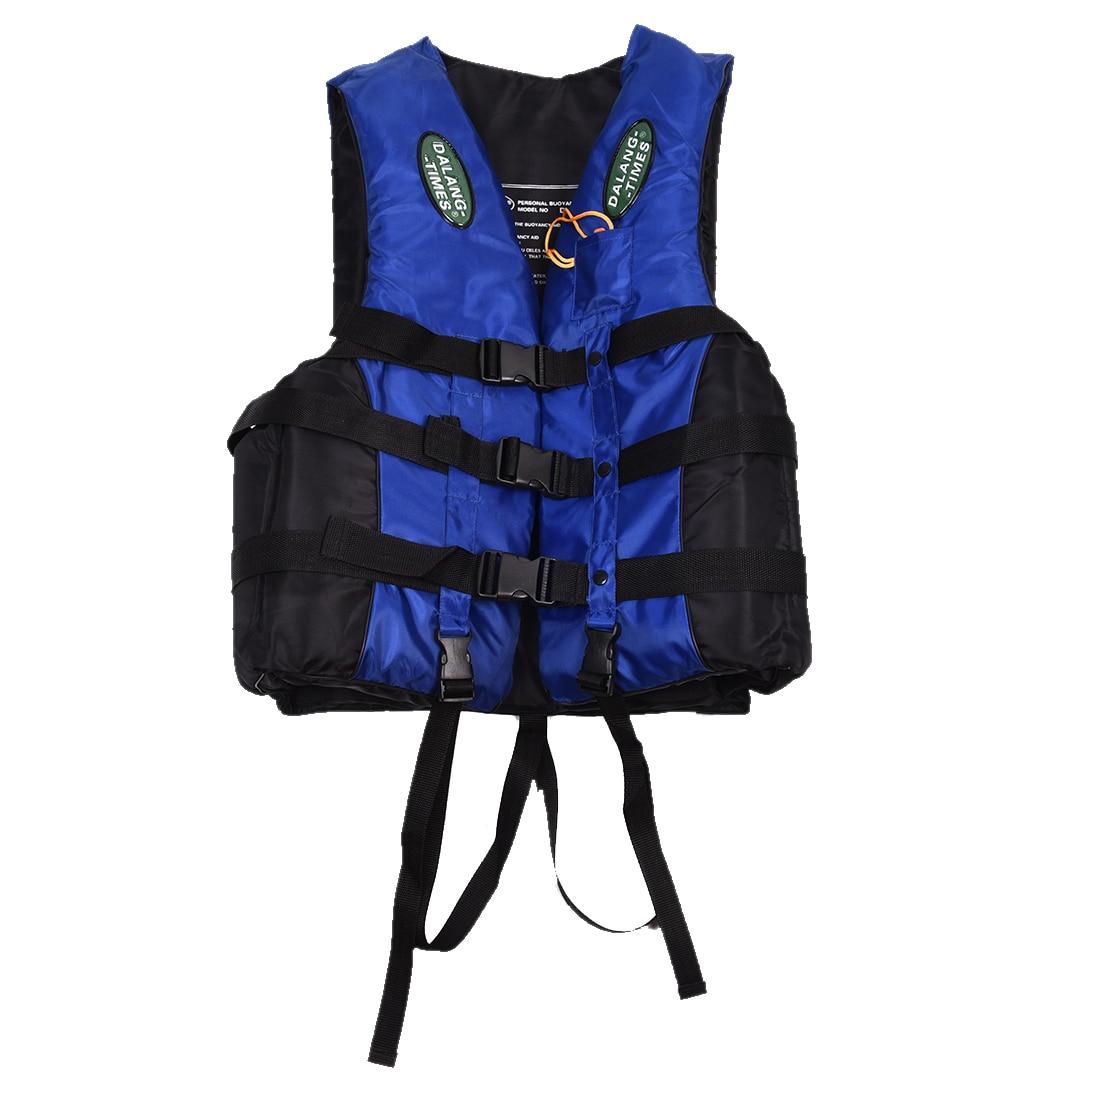 Dalang Times Boating Ski Vest Adult PFD Fully Enclosed Size Adult Life Jacket Blue